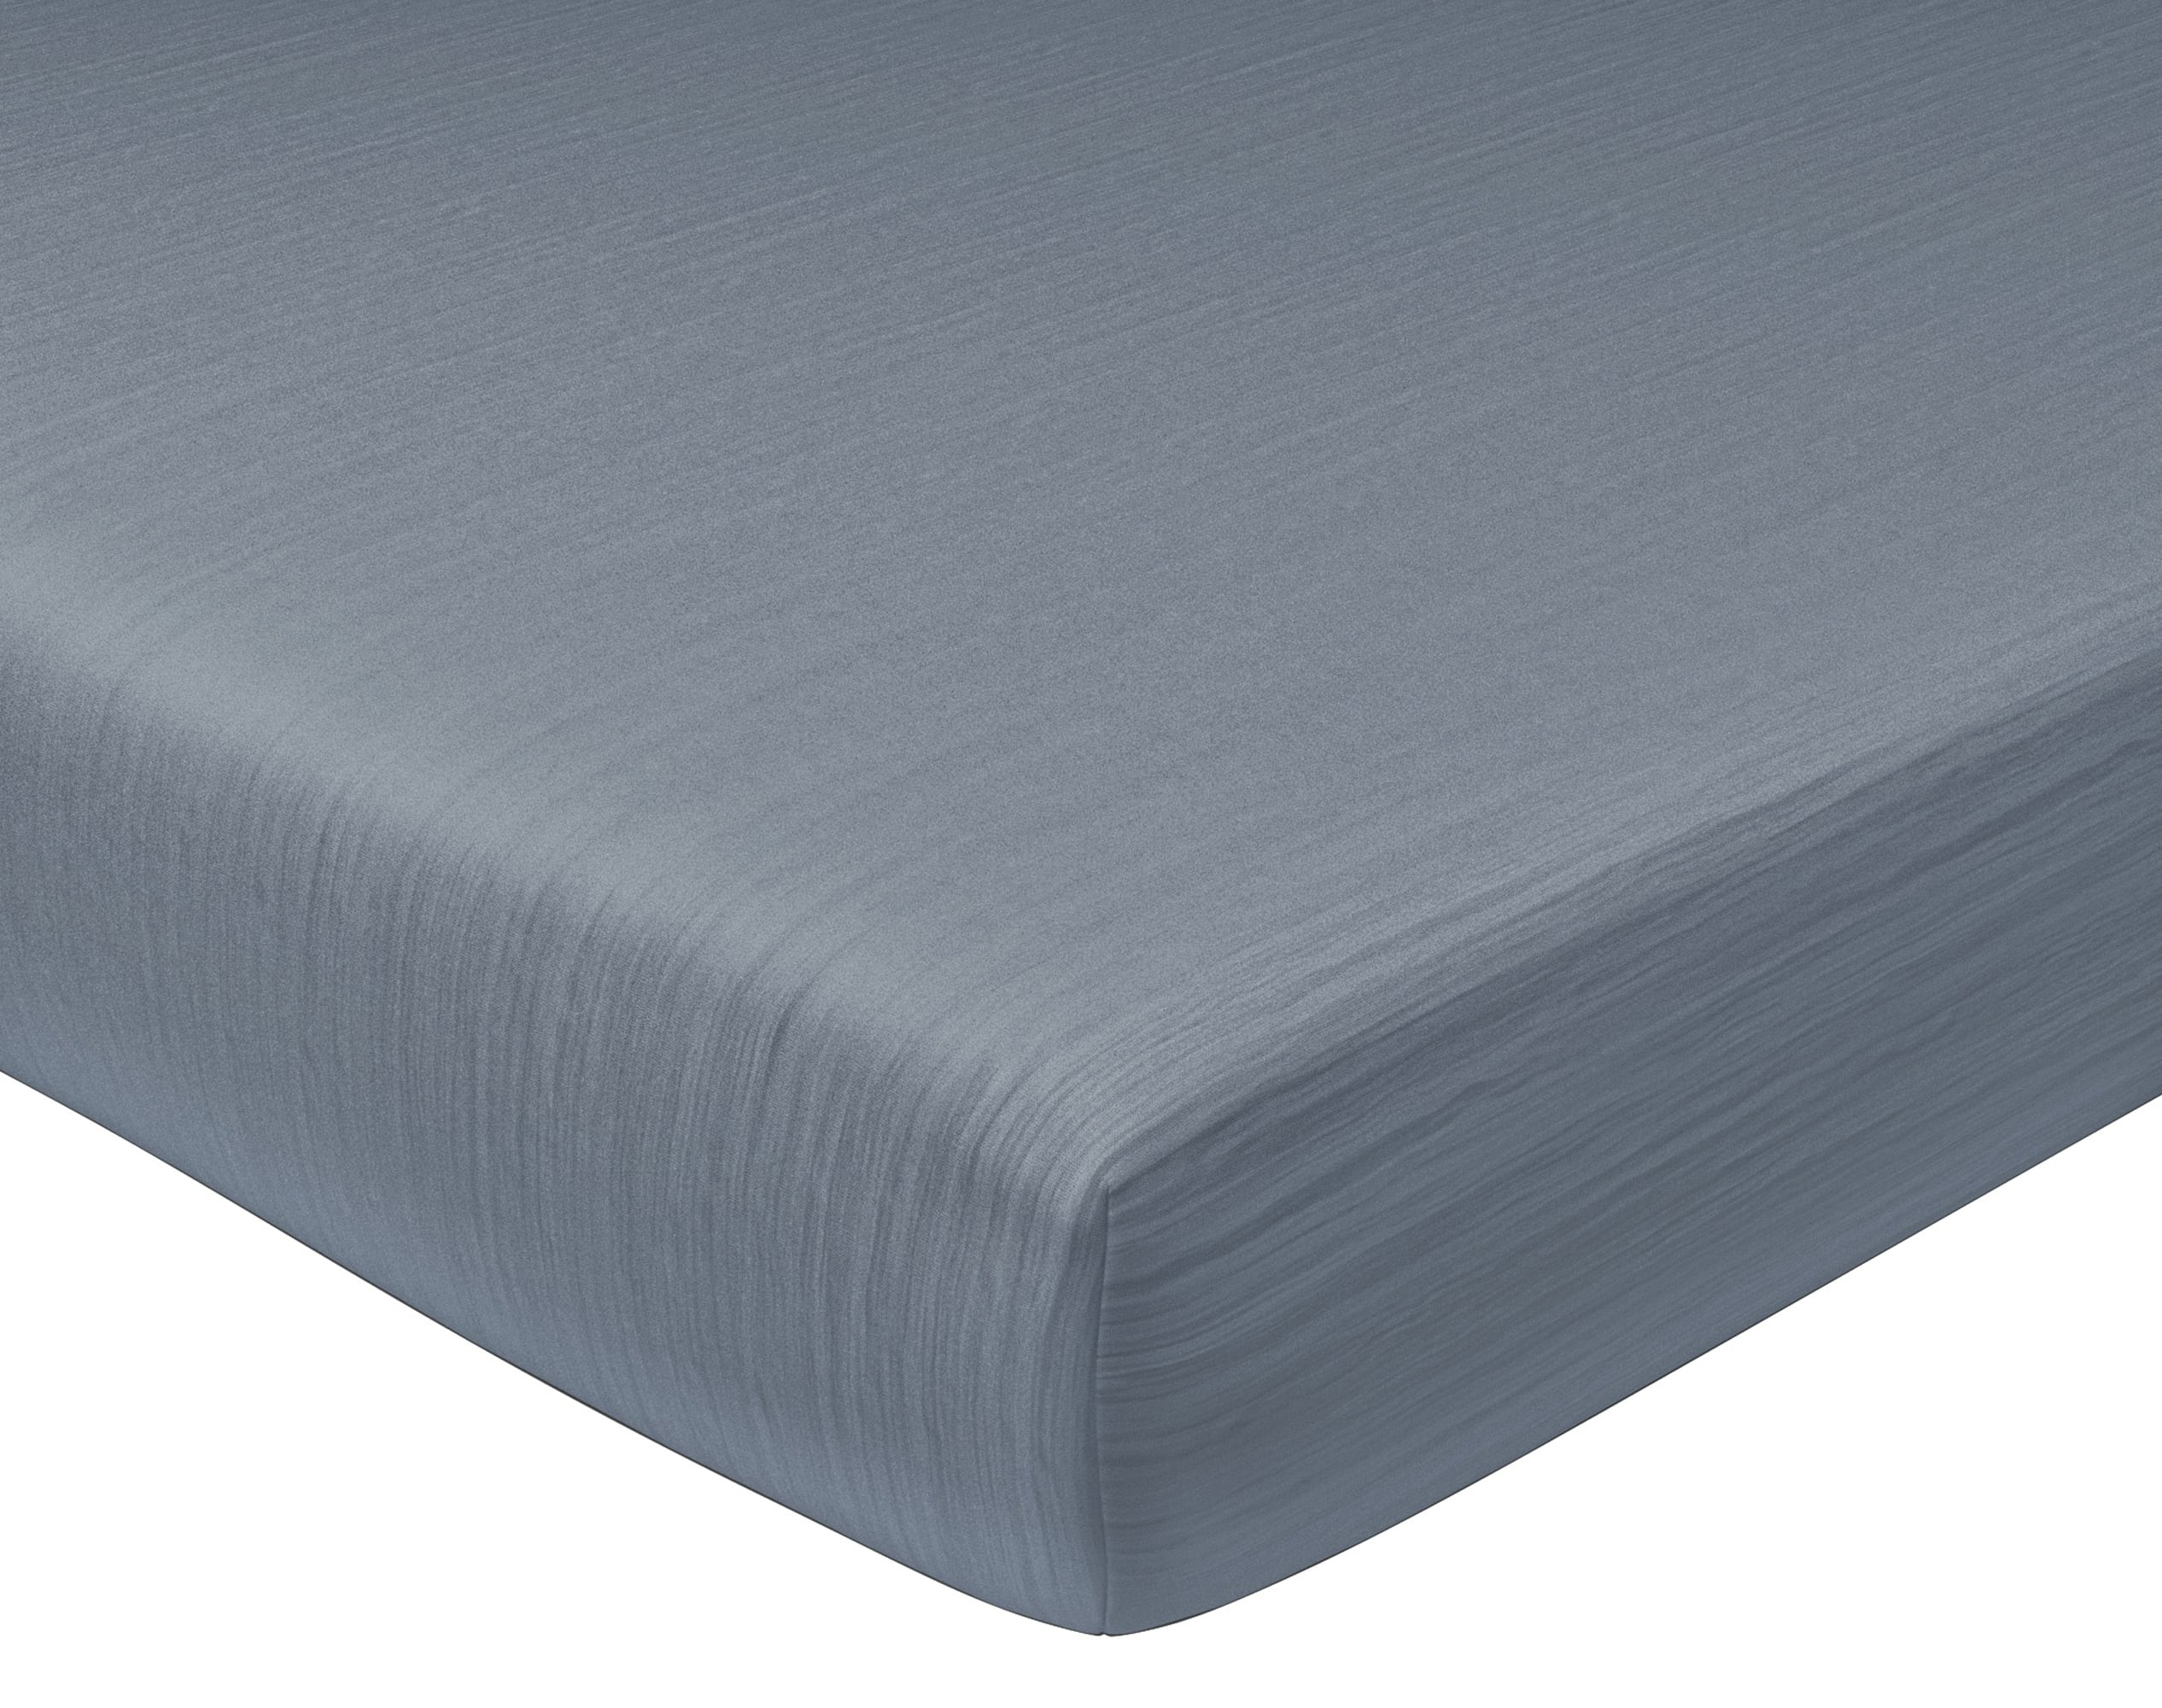 Drap-housse 90x200 en gaze de coton gris anthracite